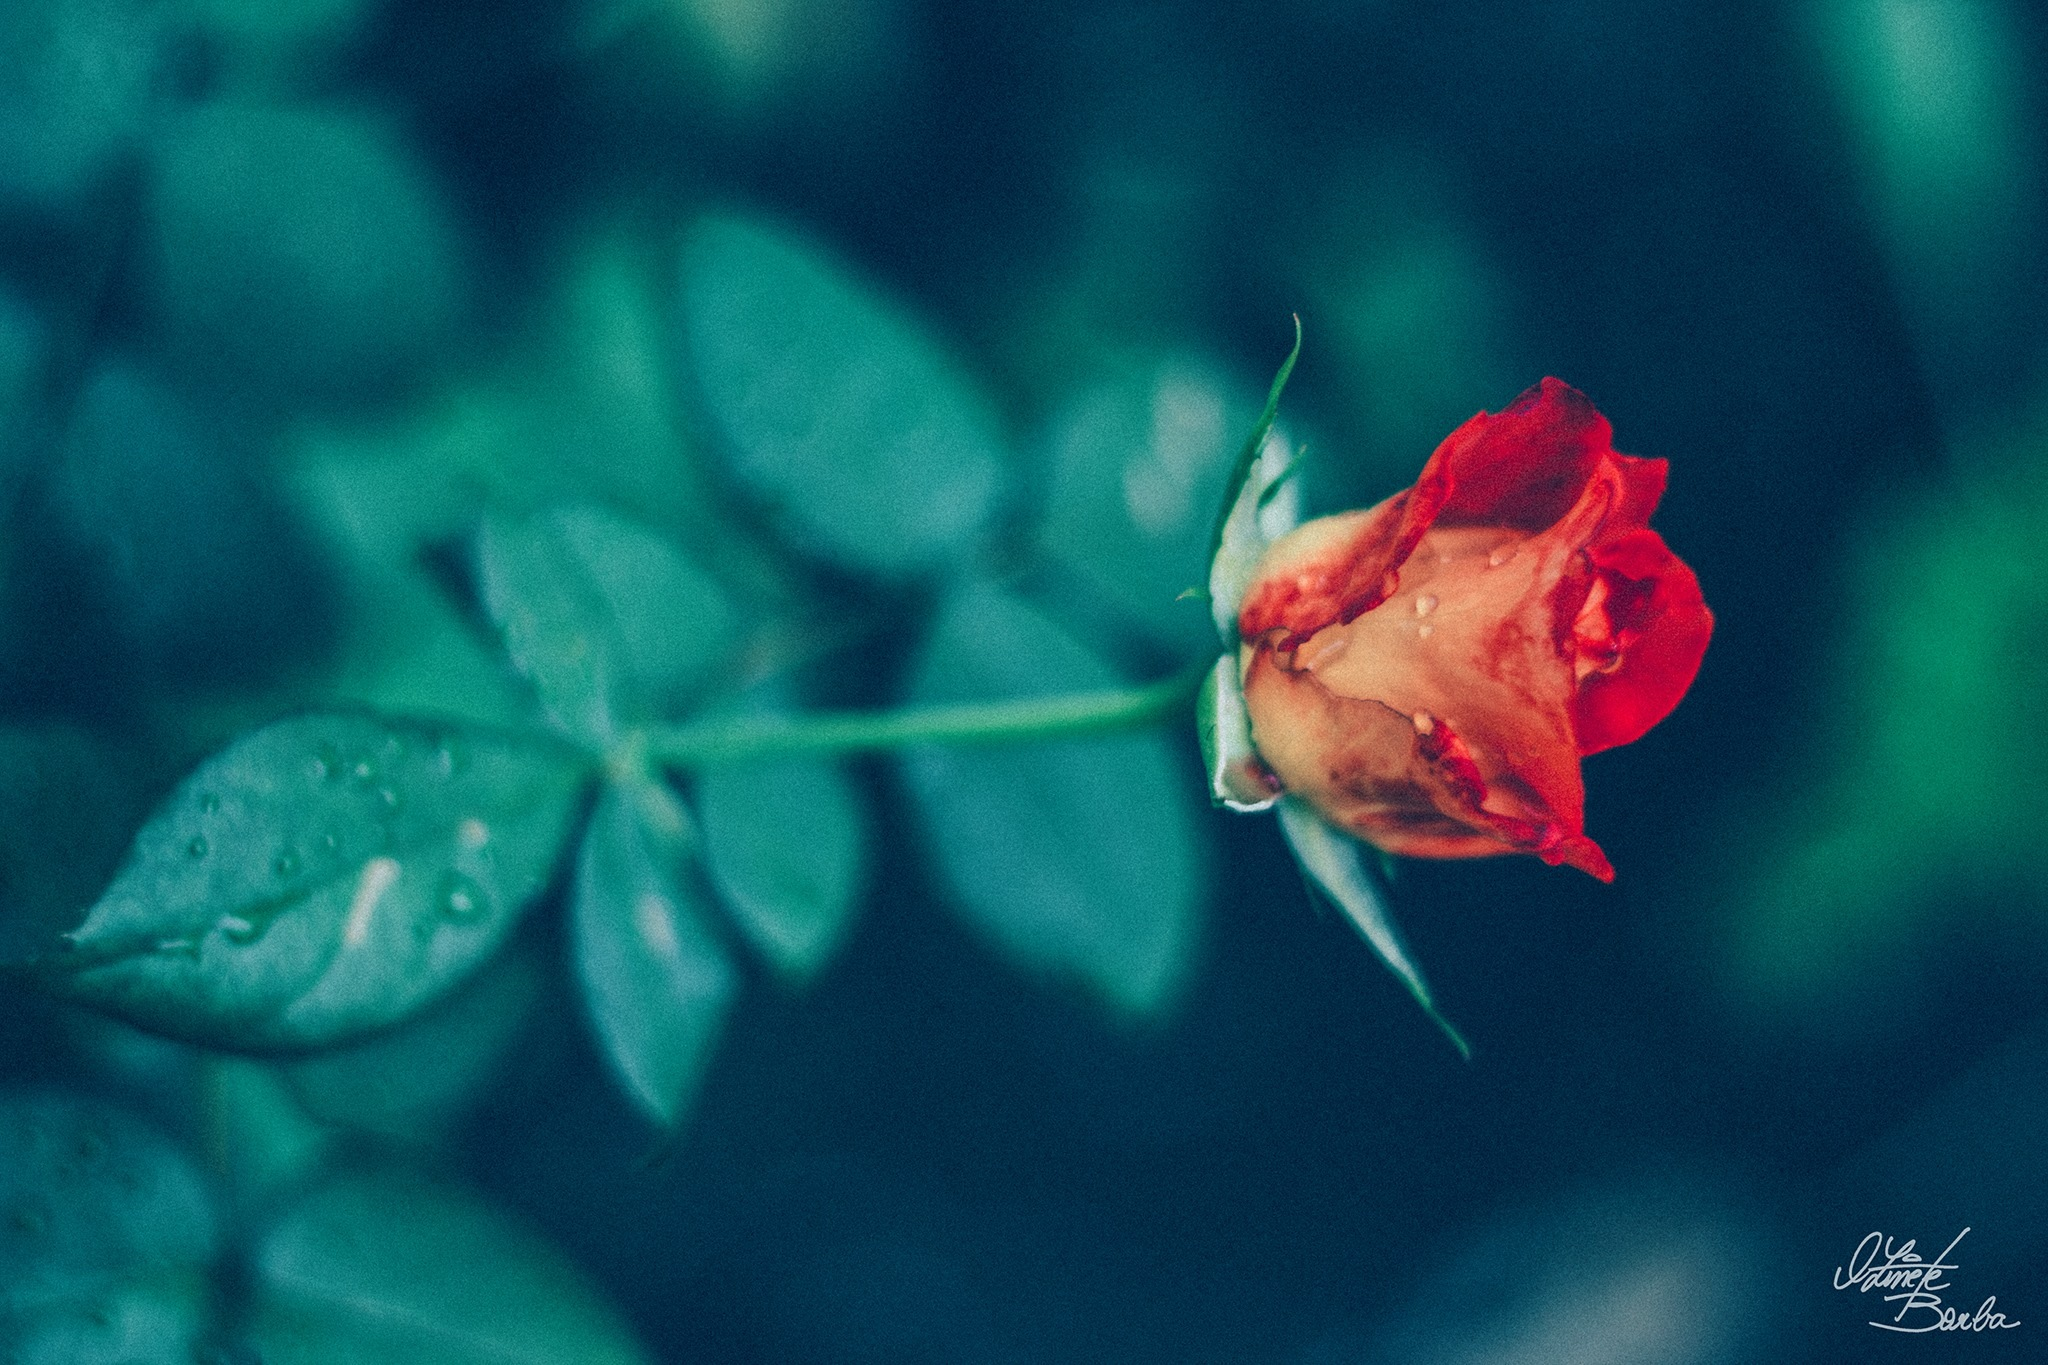 Flor by Oz Borba